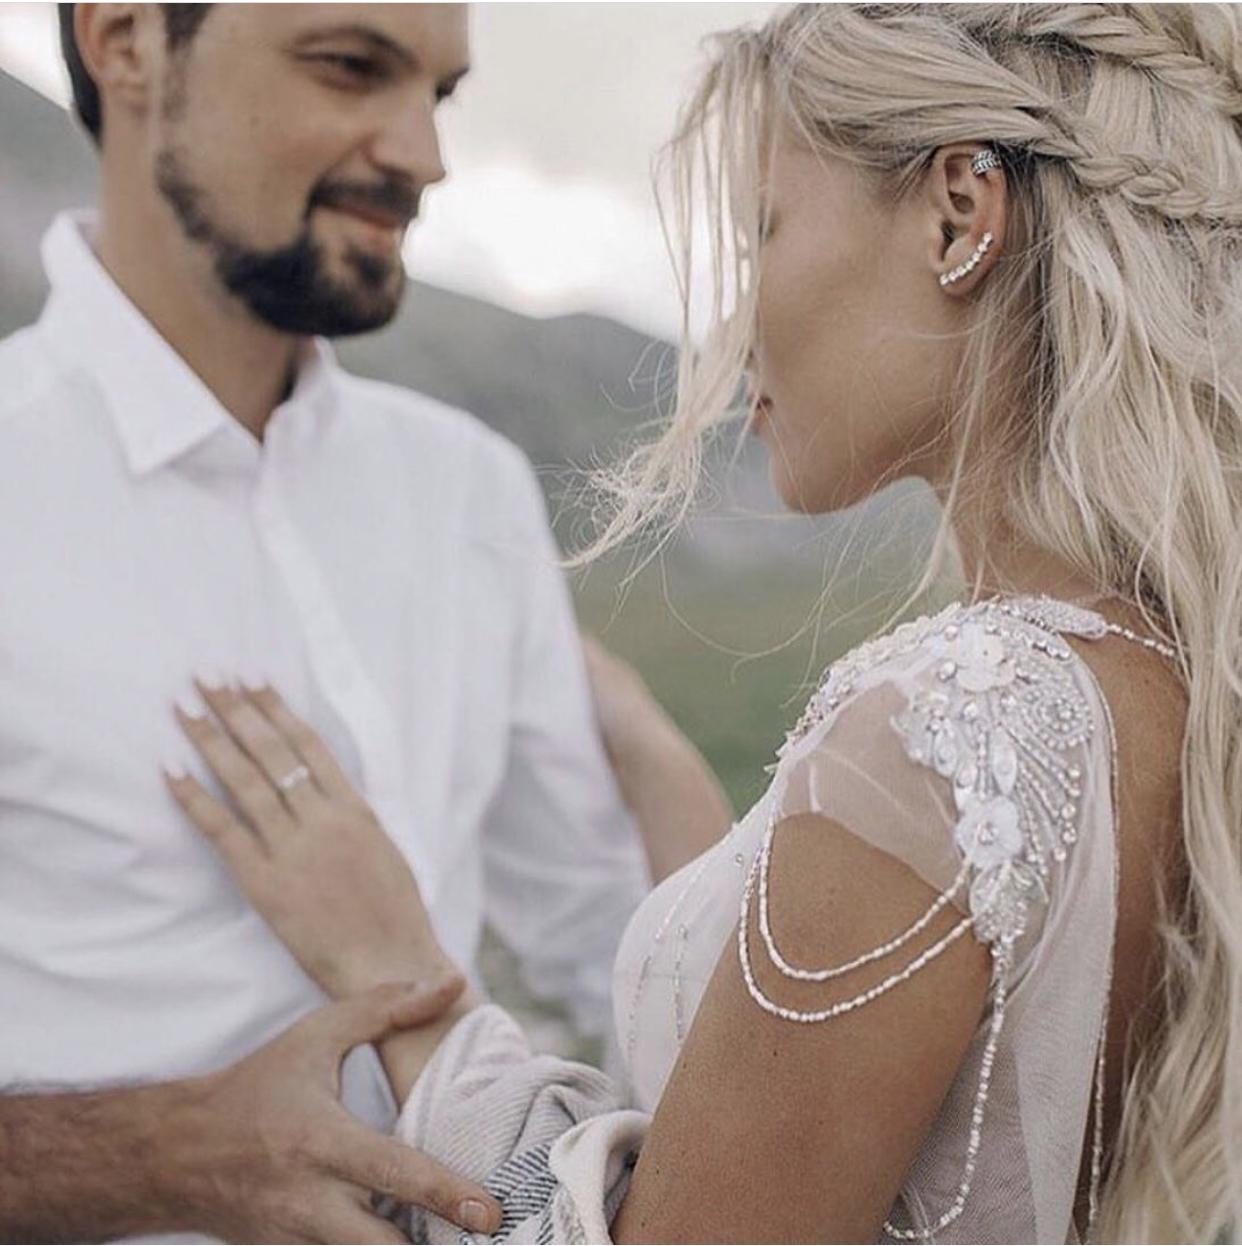 Svatební šaty IVANEL - naše svatební šaty IVANEL máme v barvě MILK i tmavším CAPPUCCINO odstínu ... více na https://www.salonhannazlin.cz